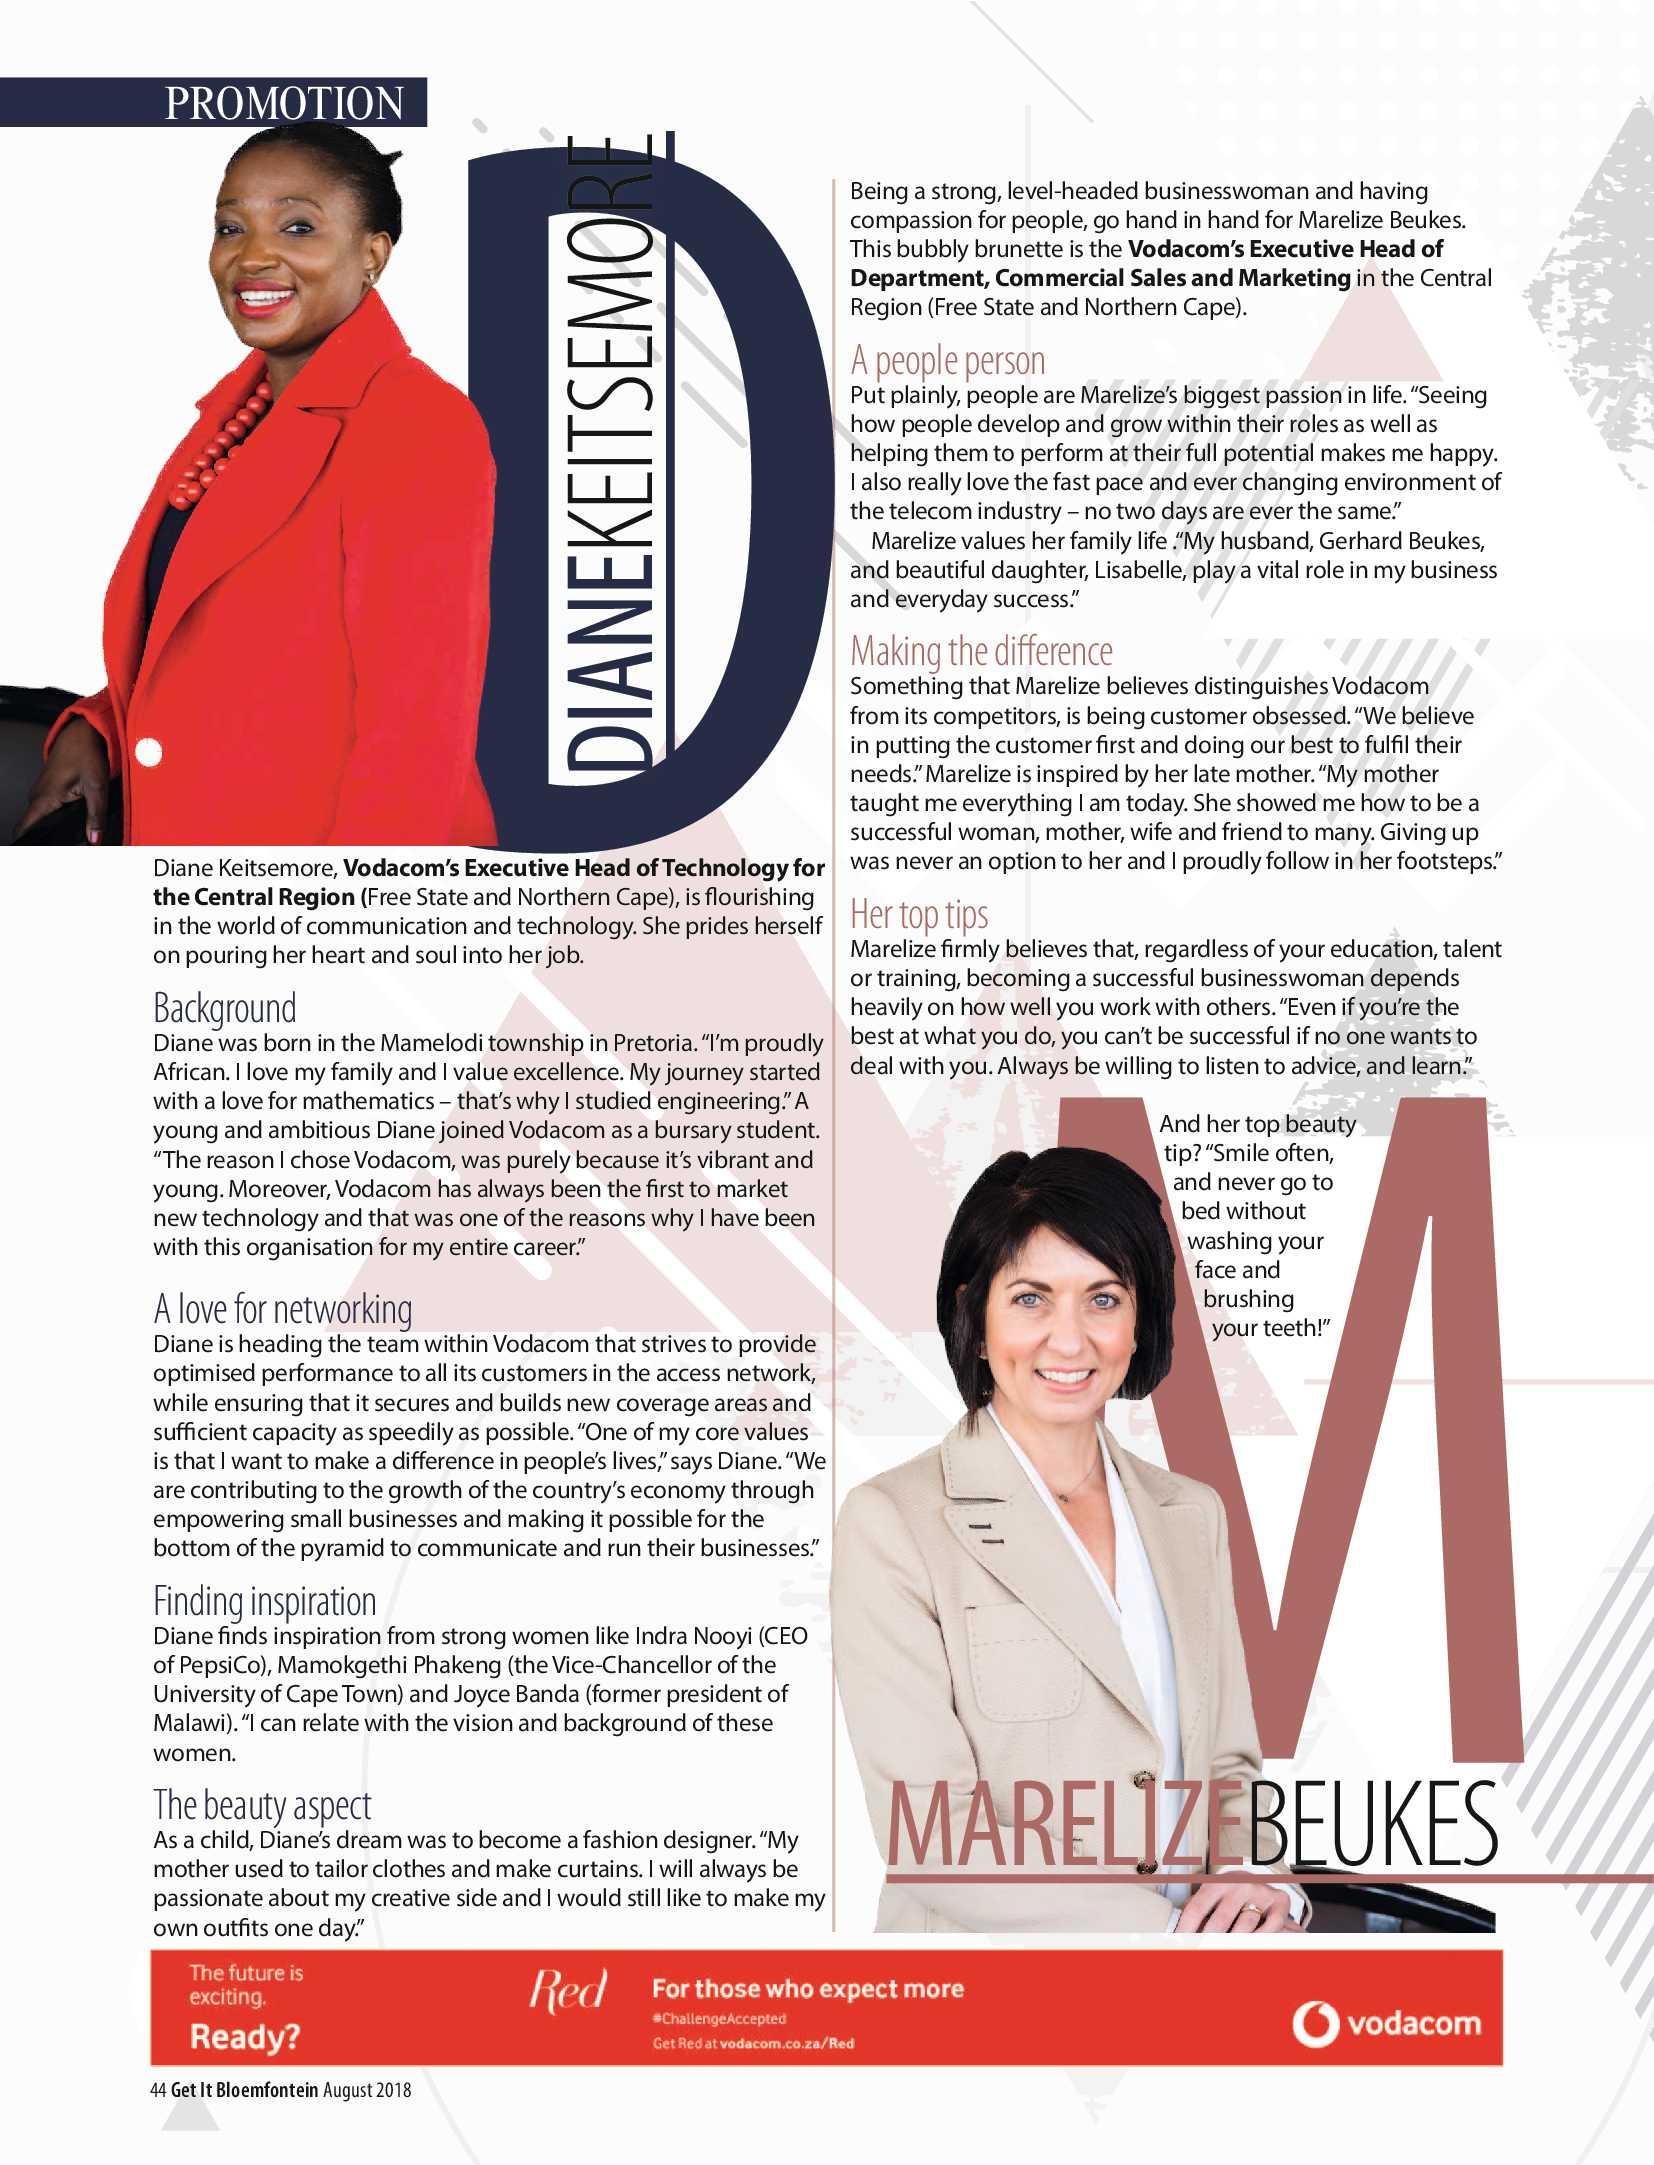 get-bloemfontein-august-2018-epapers-page-46